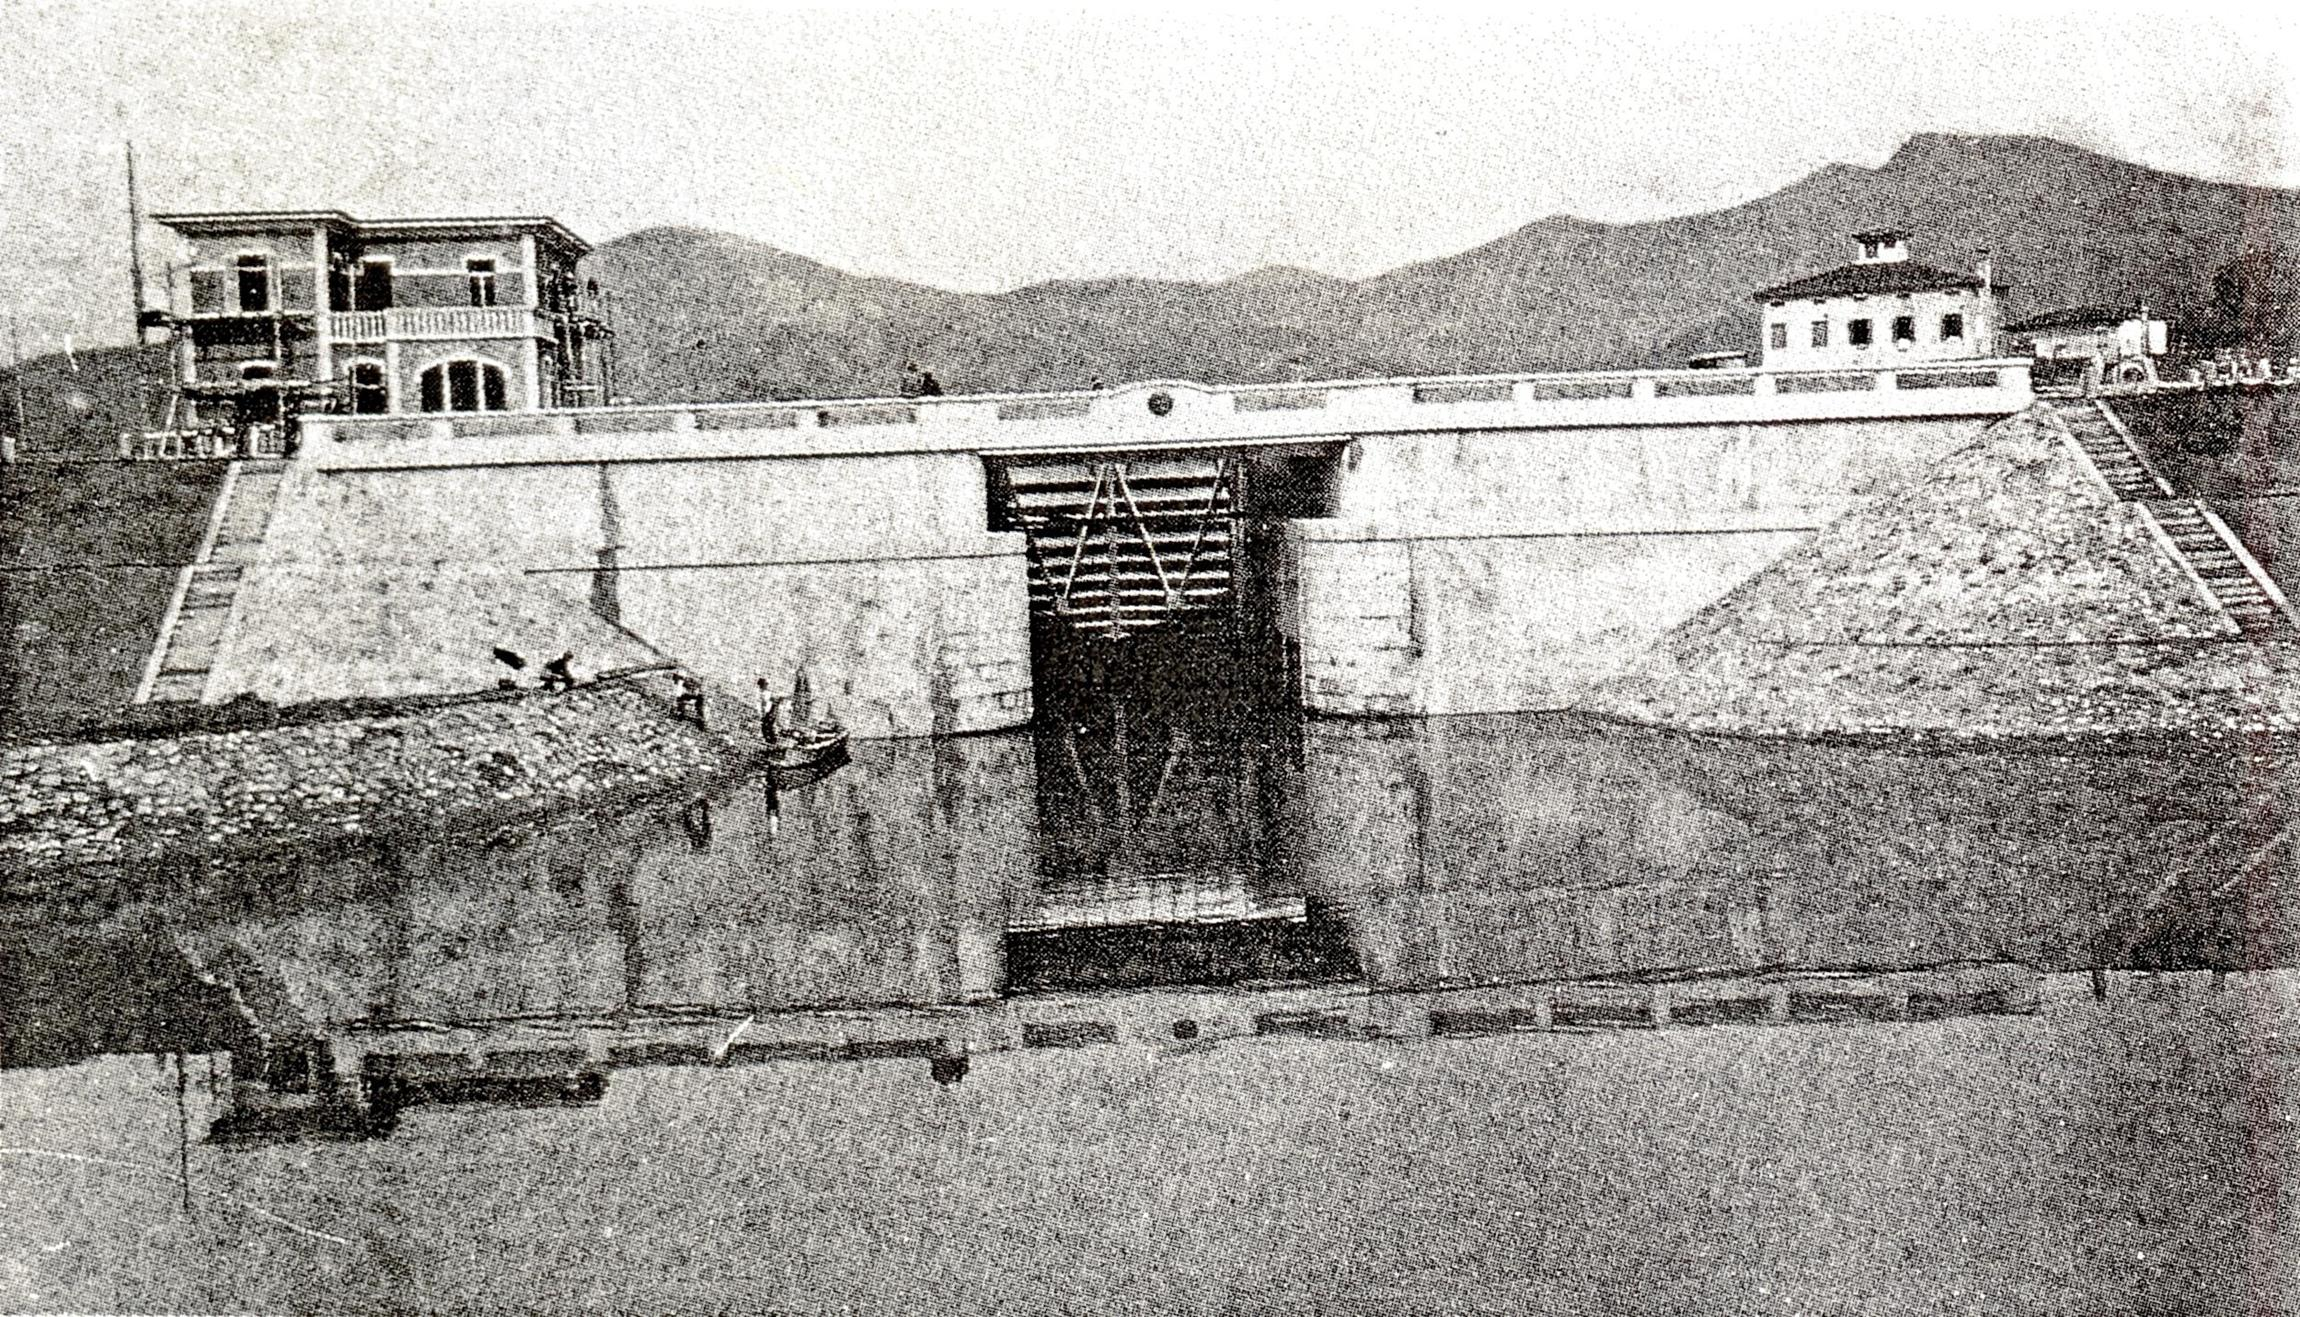 Battaglia, ingresso nella conca dal Canale Rialto. A sinistra, l'edificio per il custode idraulico.